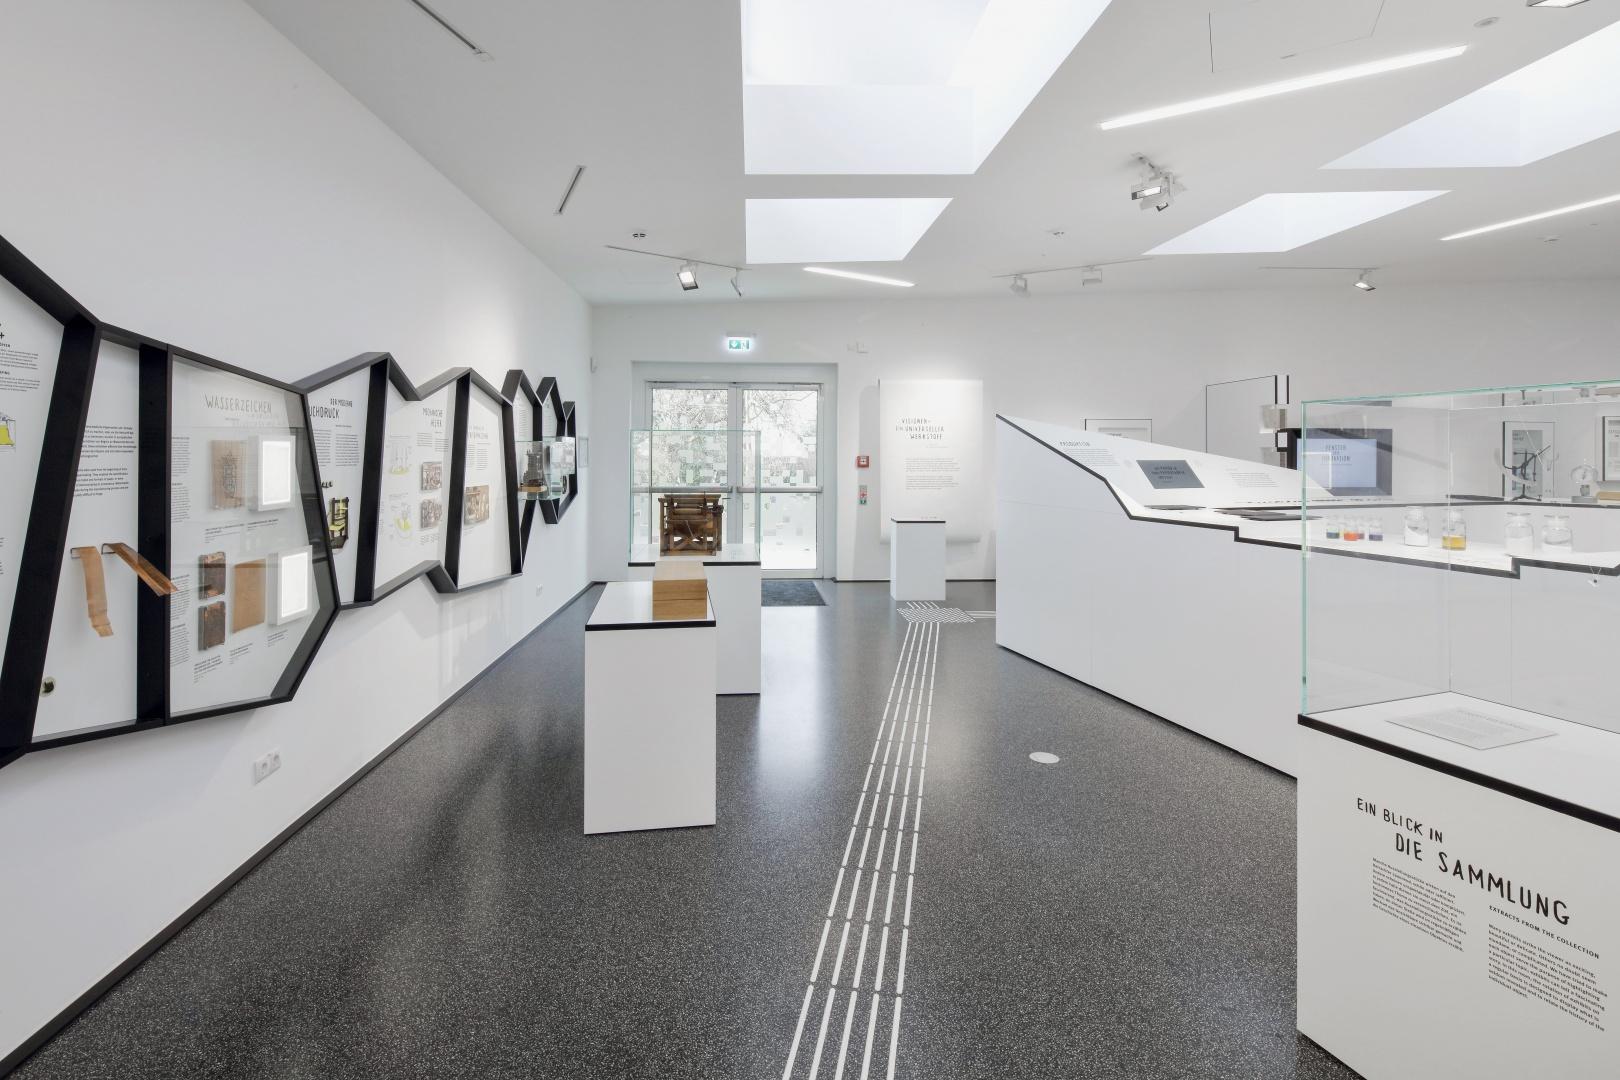 Einstieg in die Dauerausstellung: Links in den Rahmen wird die Geschichte des und Geschichten über das Papier vermittelt, rechts die sogenannte Wertschöpfungsinsel. © Savelsberg